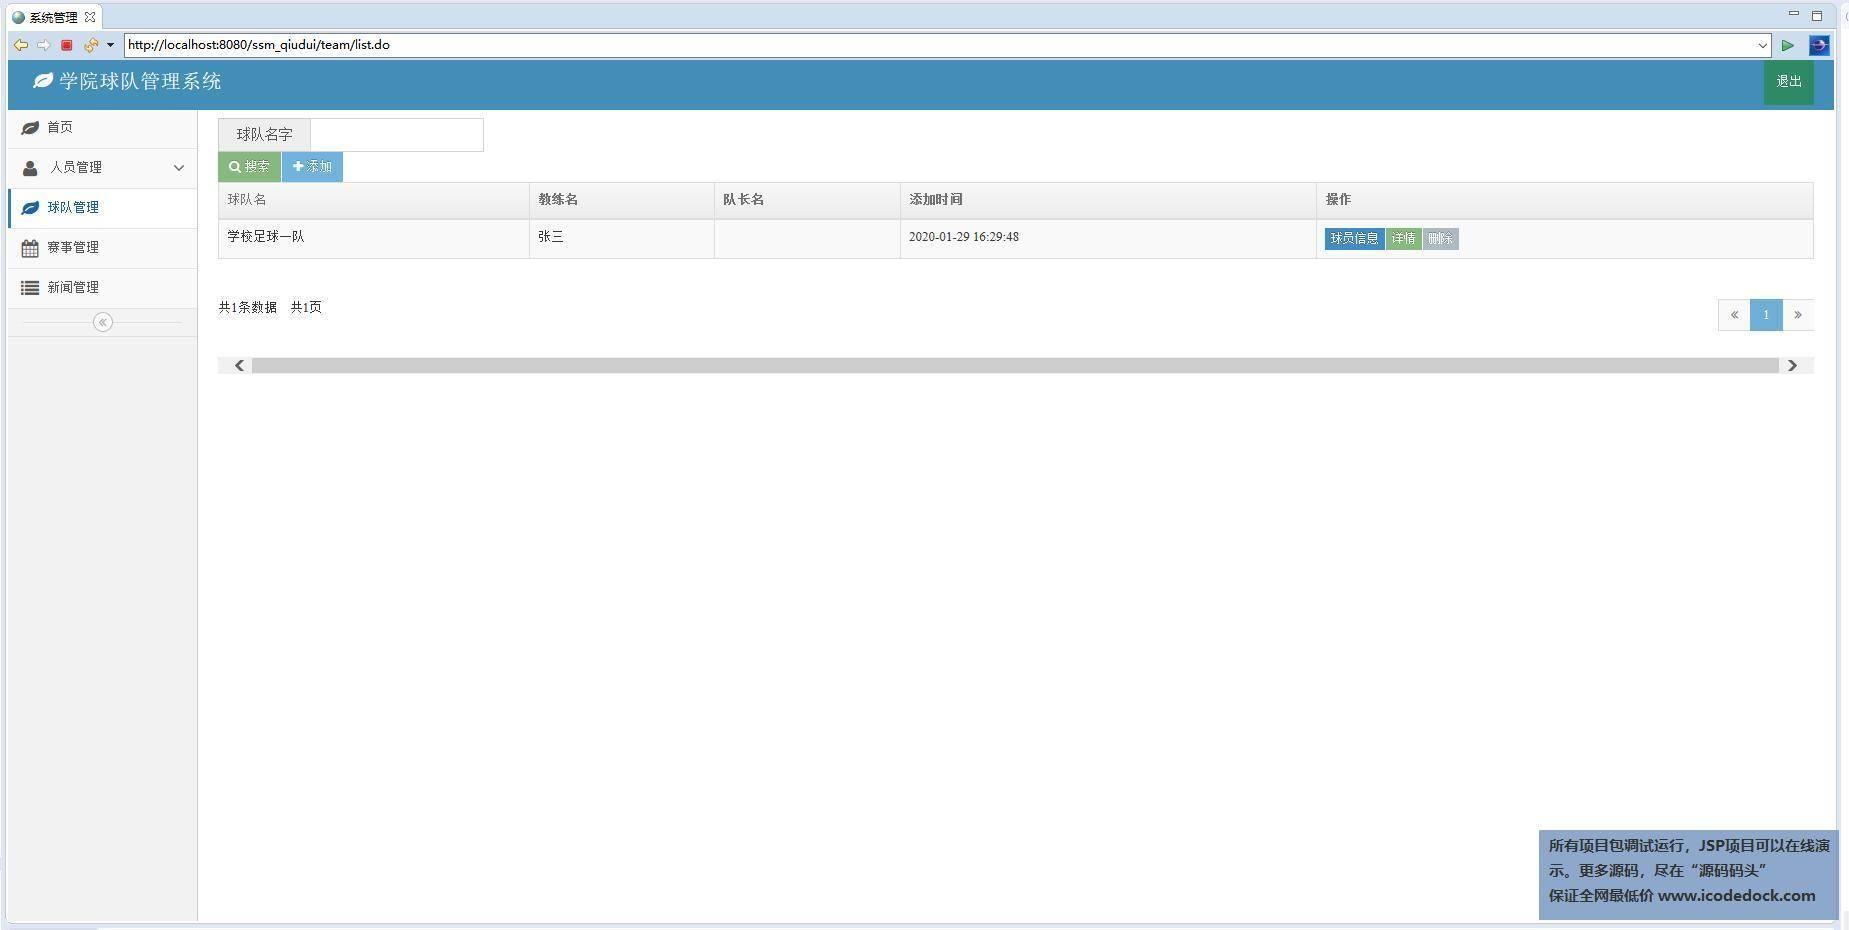 源码码头-SSM球队管理系统-管理员角色-球队管理